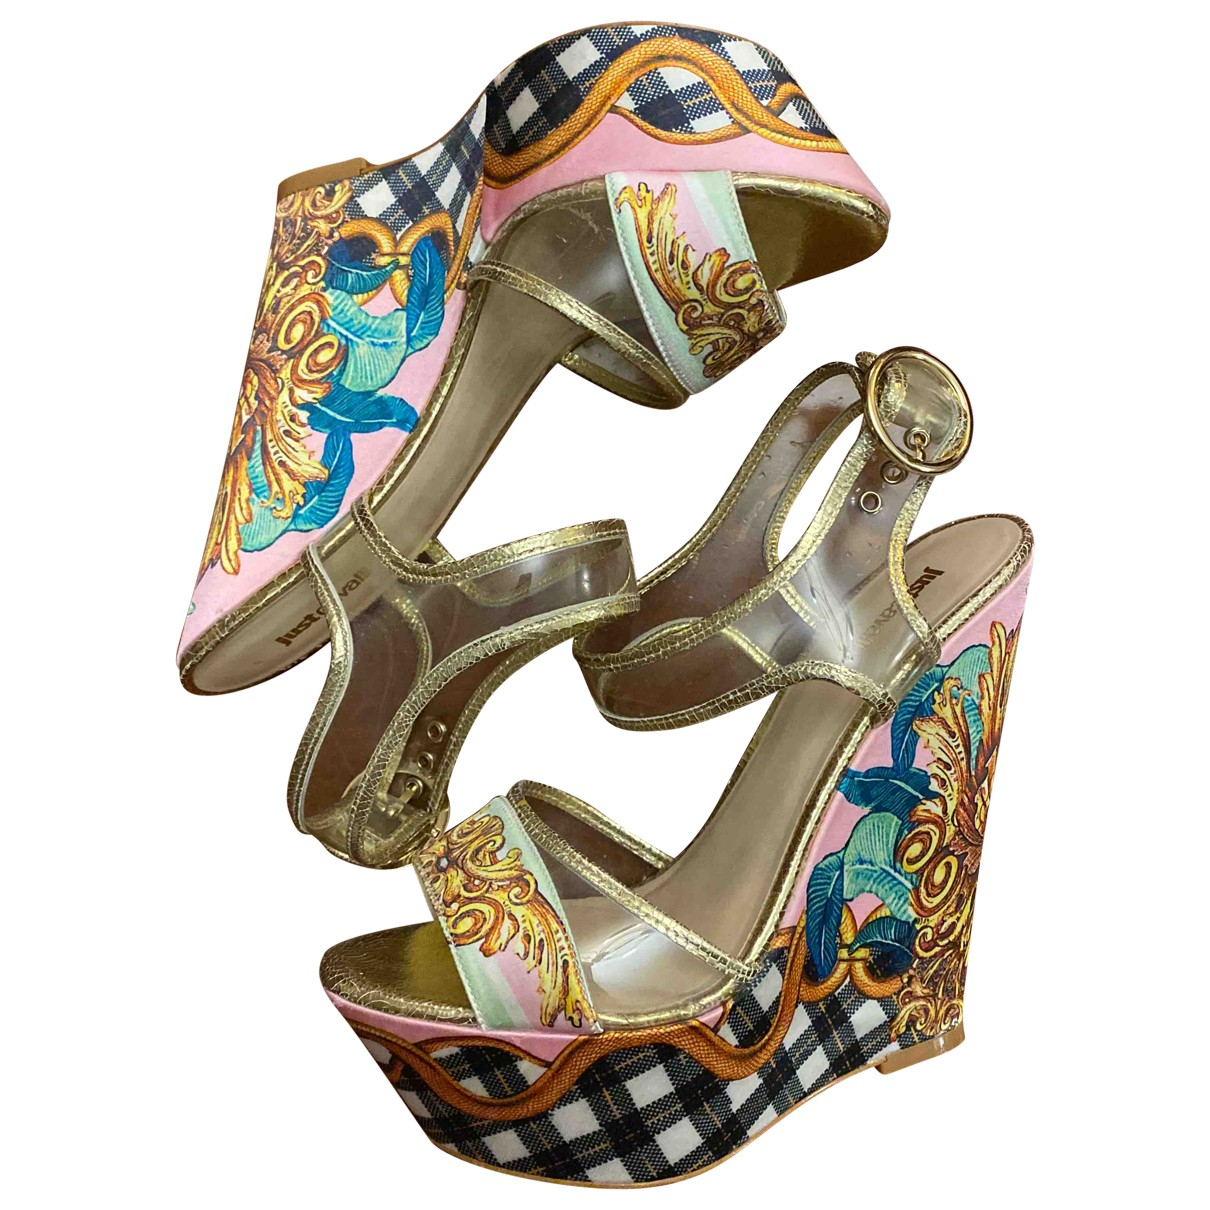 Just Cavalli - Sandales   pour femme en a paillettes - multicolore